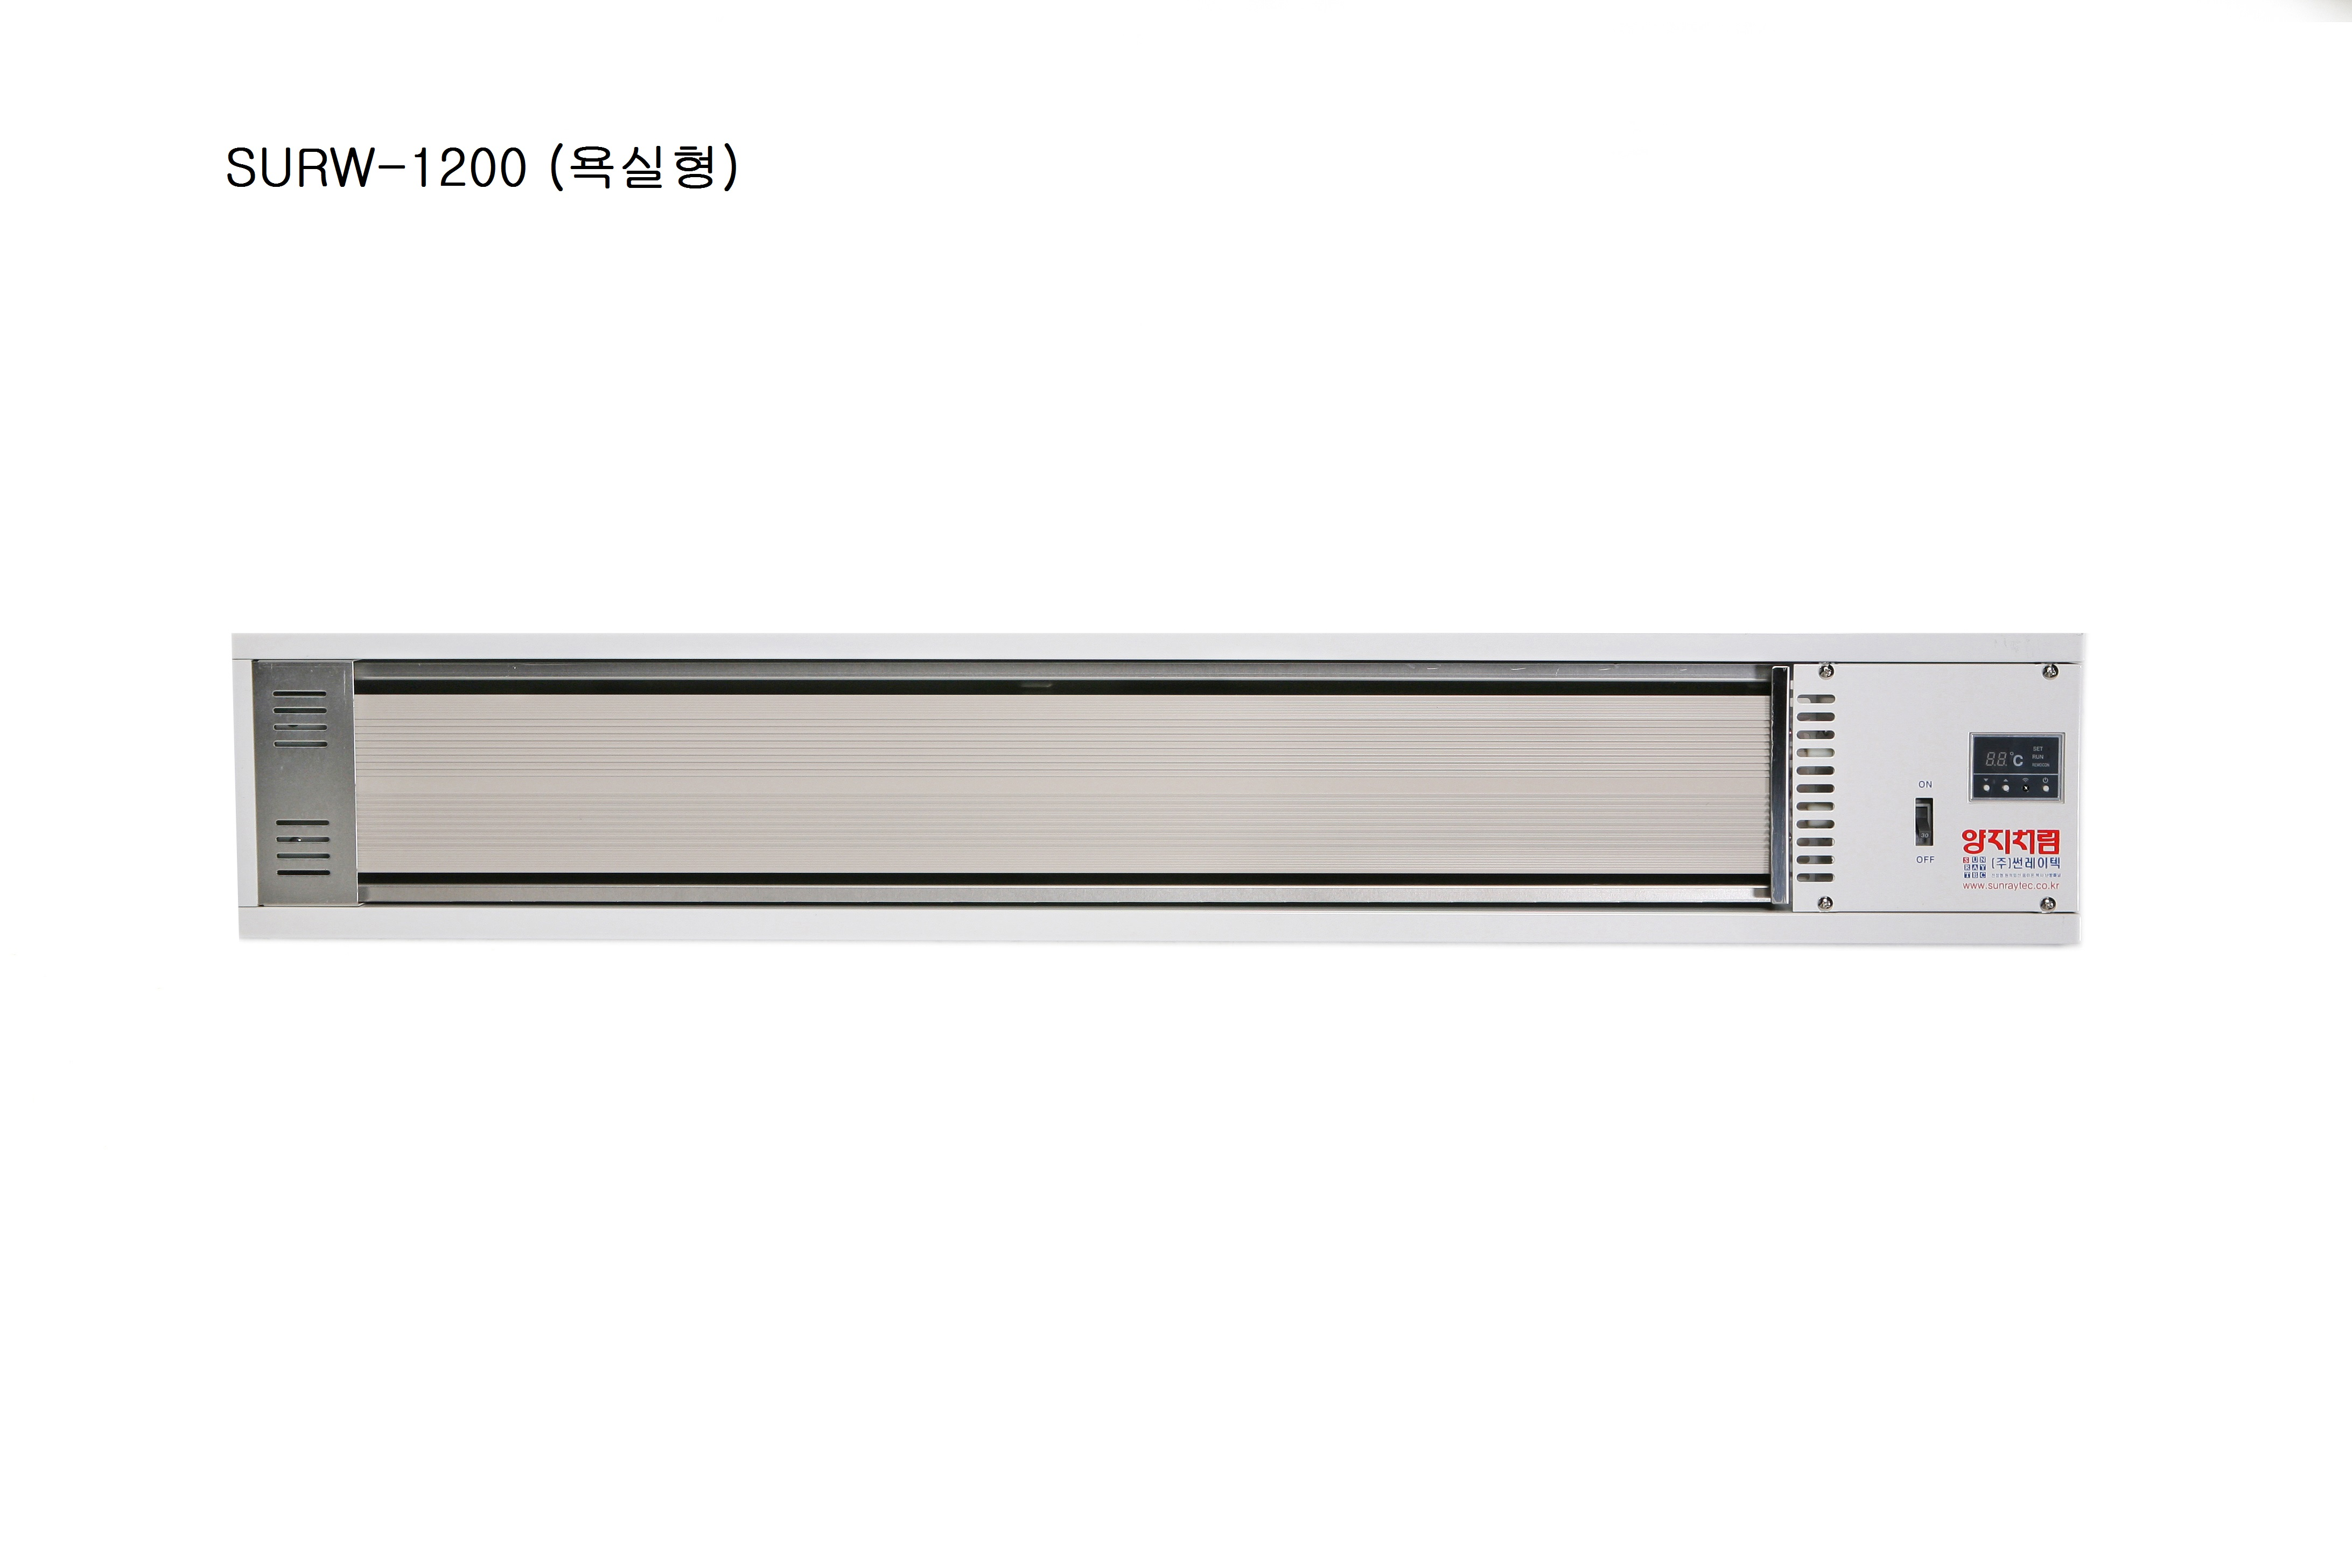 (욕실형)SURW-1200.jpg